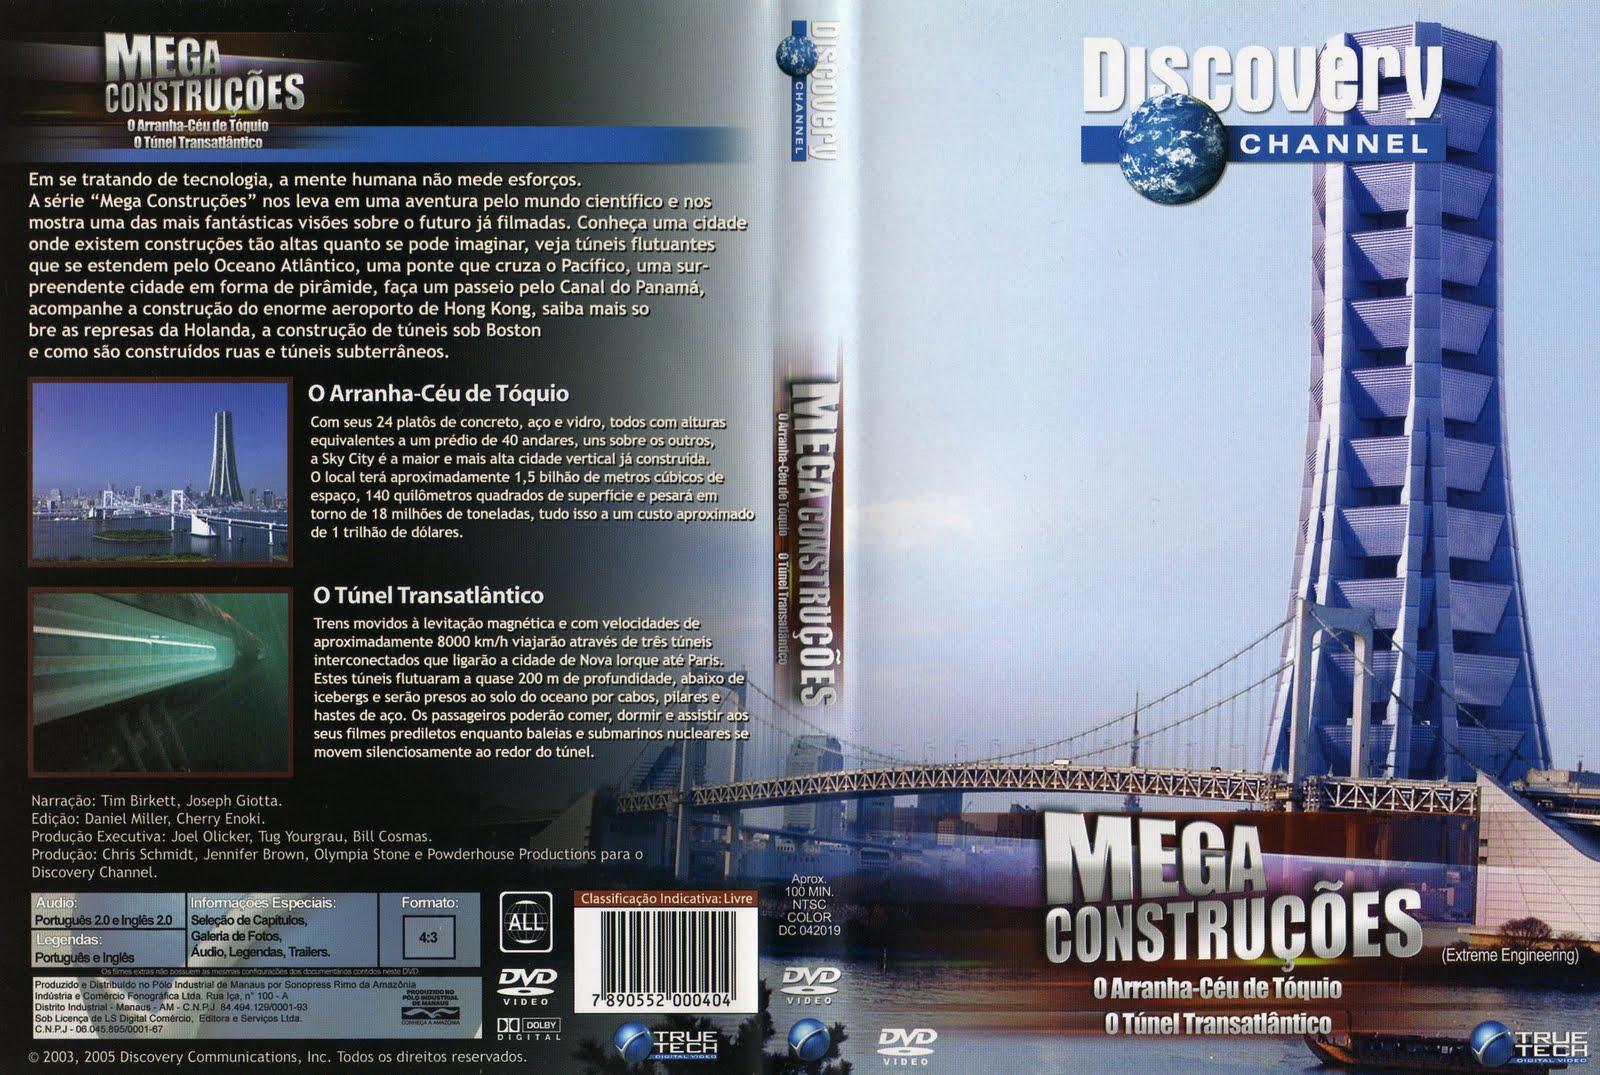 [Discovery+Channel+-+Mega+Construções+-+O+Arranha-céu+de+Tóqu.jpg]